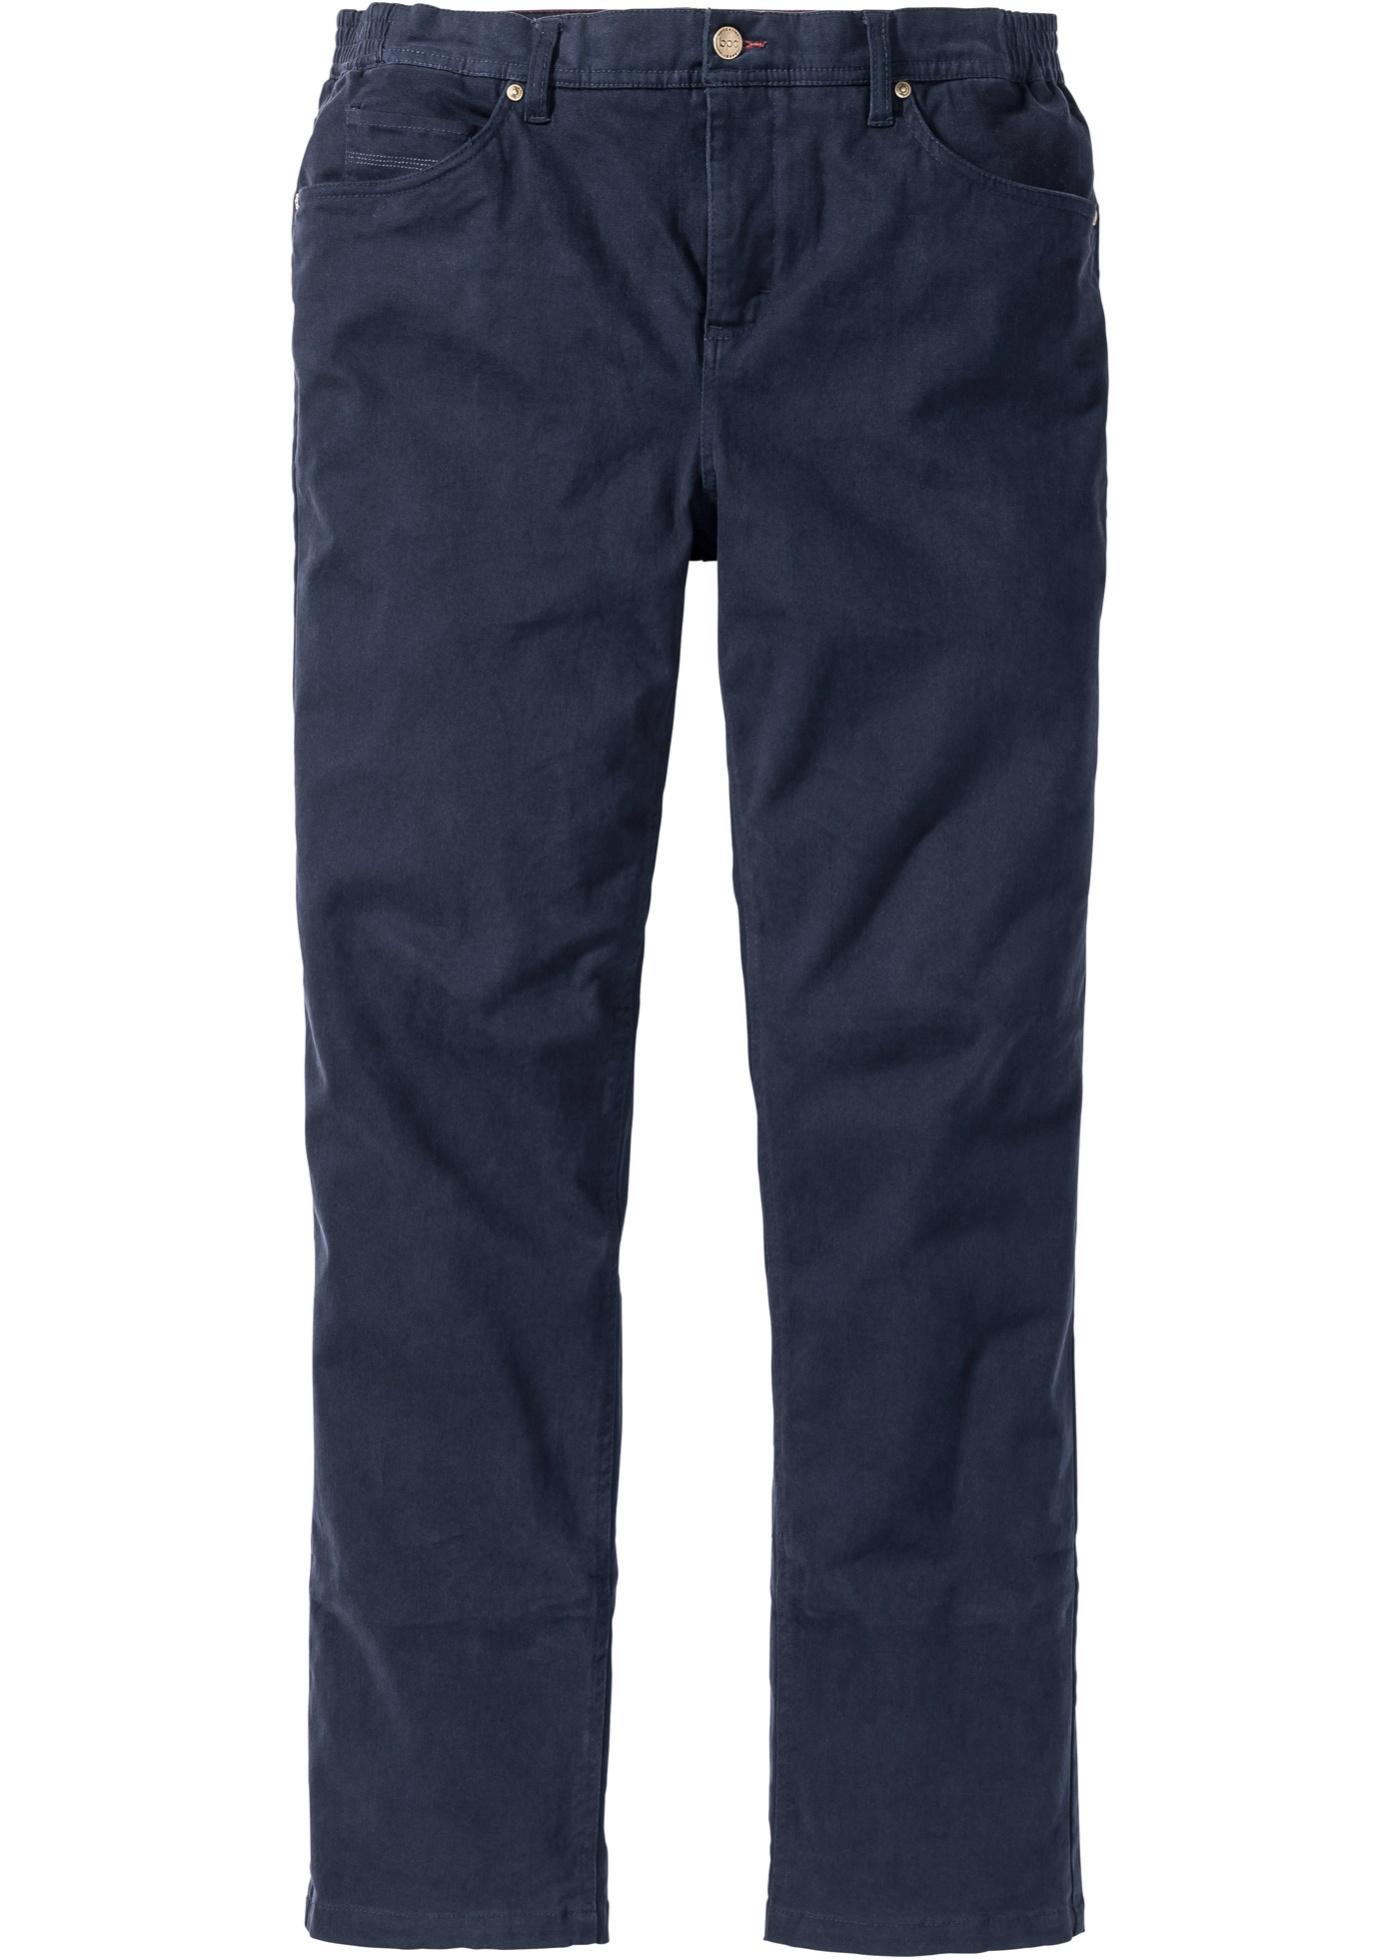 Pantalone con cinta comod